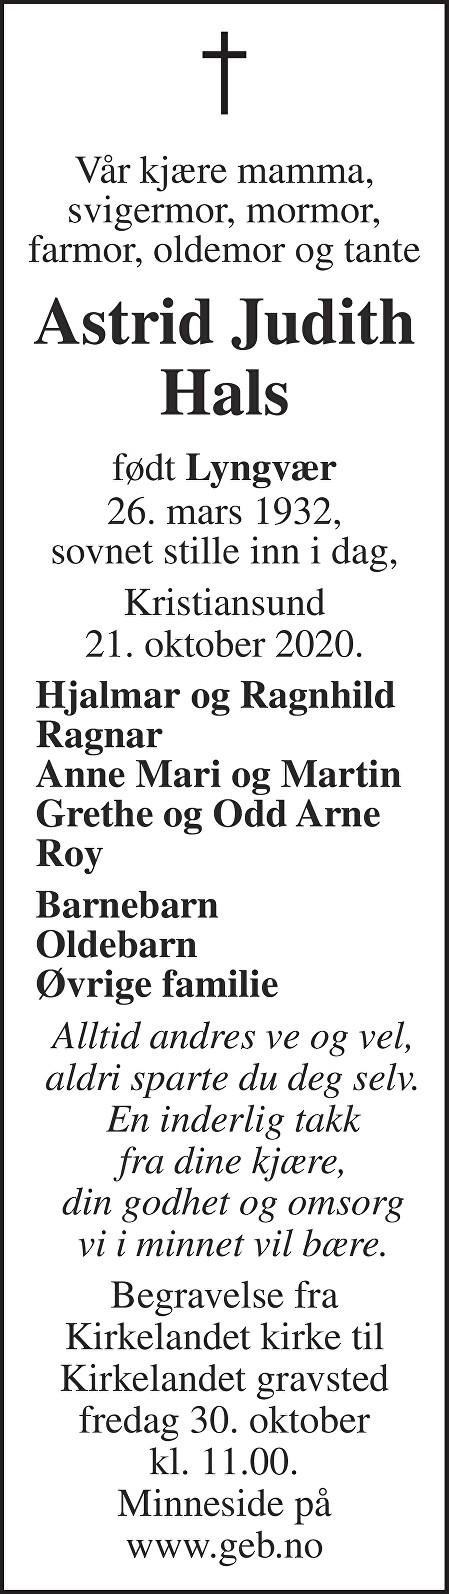 Astrid Judith Hals Dødsannonse